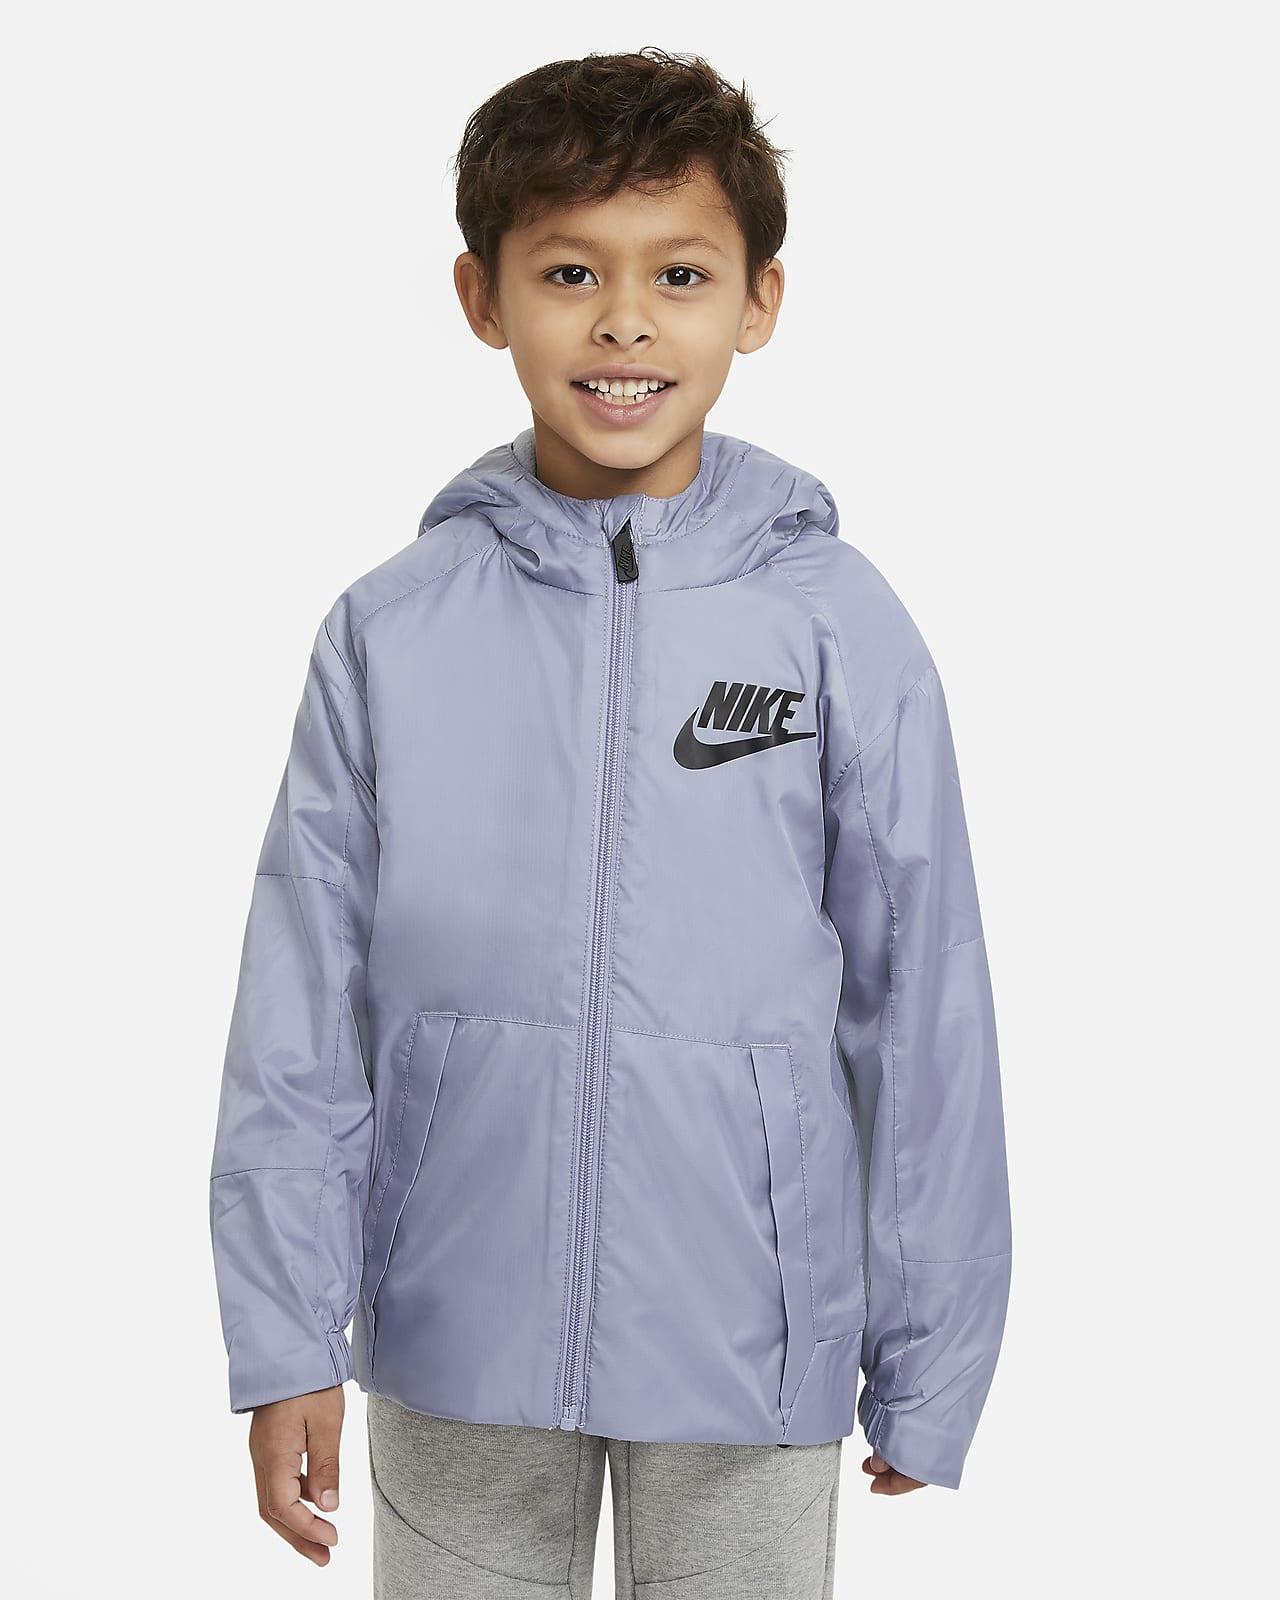 Casaco Nike Sportswear para criança